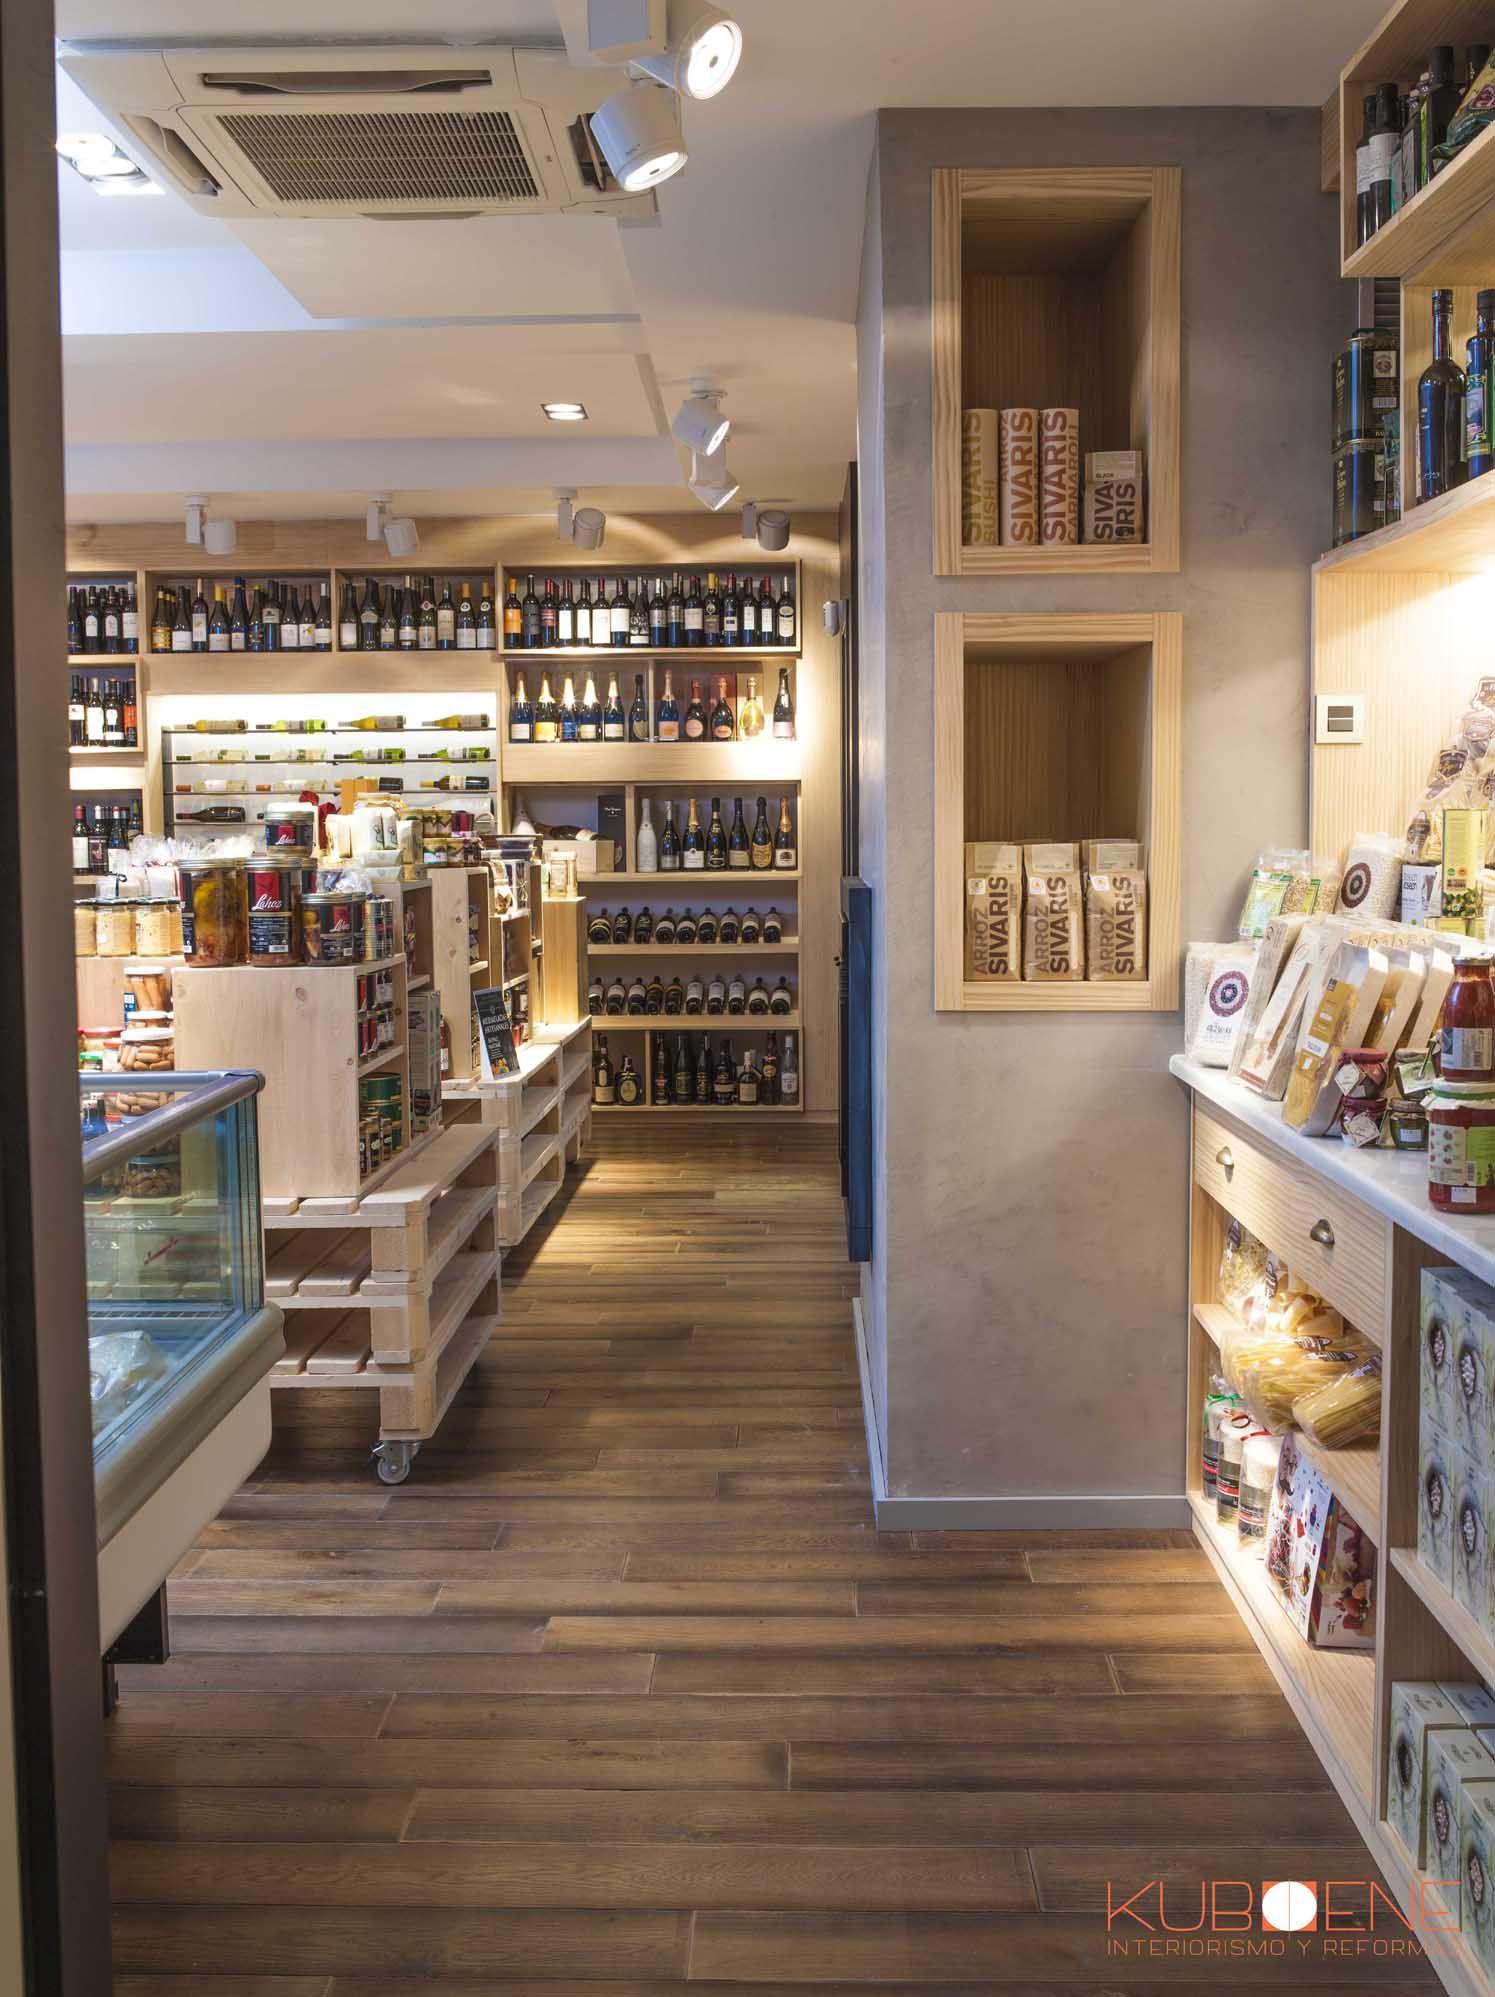 Abarrotes Tienda De Productos Gourmet En Las Matas Madrid By  # Muebles Para Tienda Gourmet